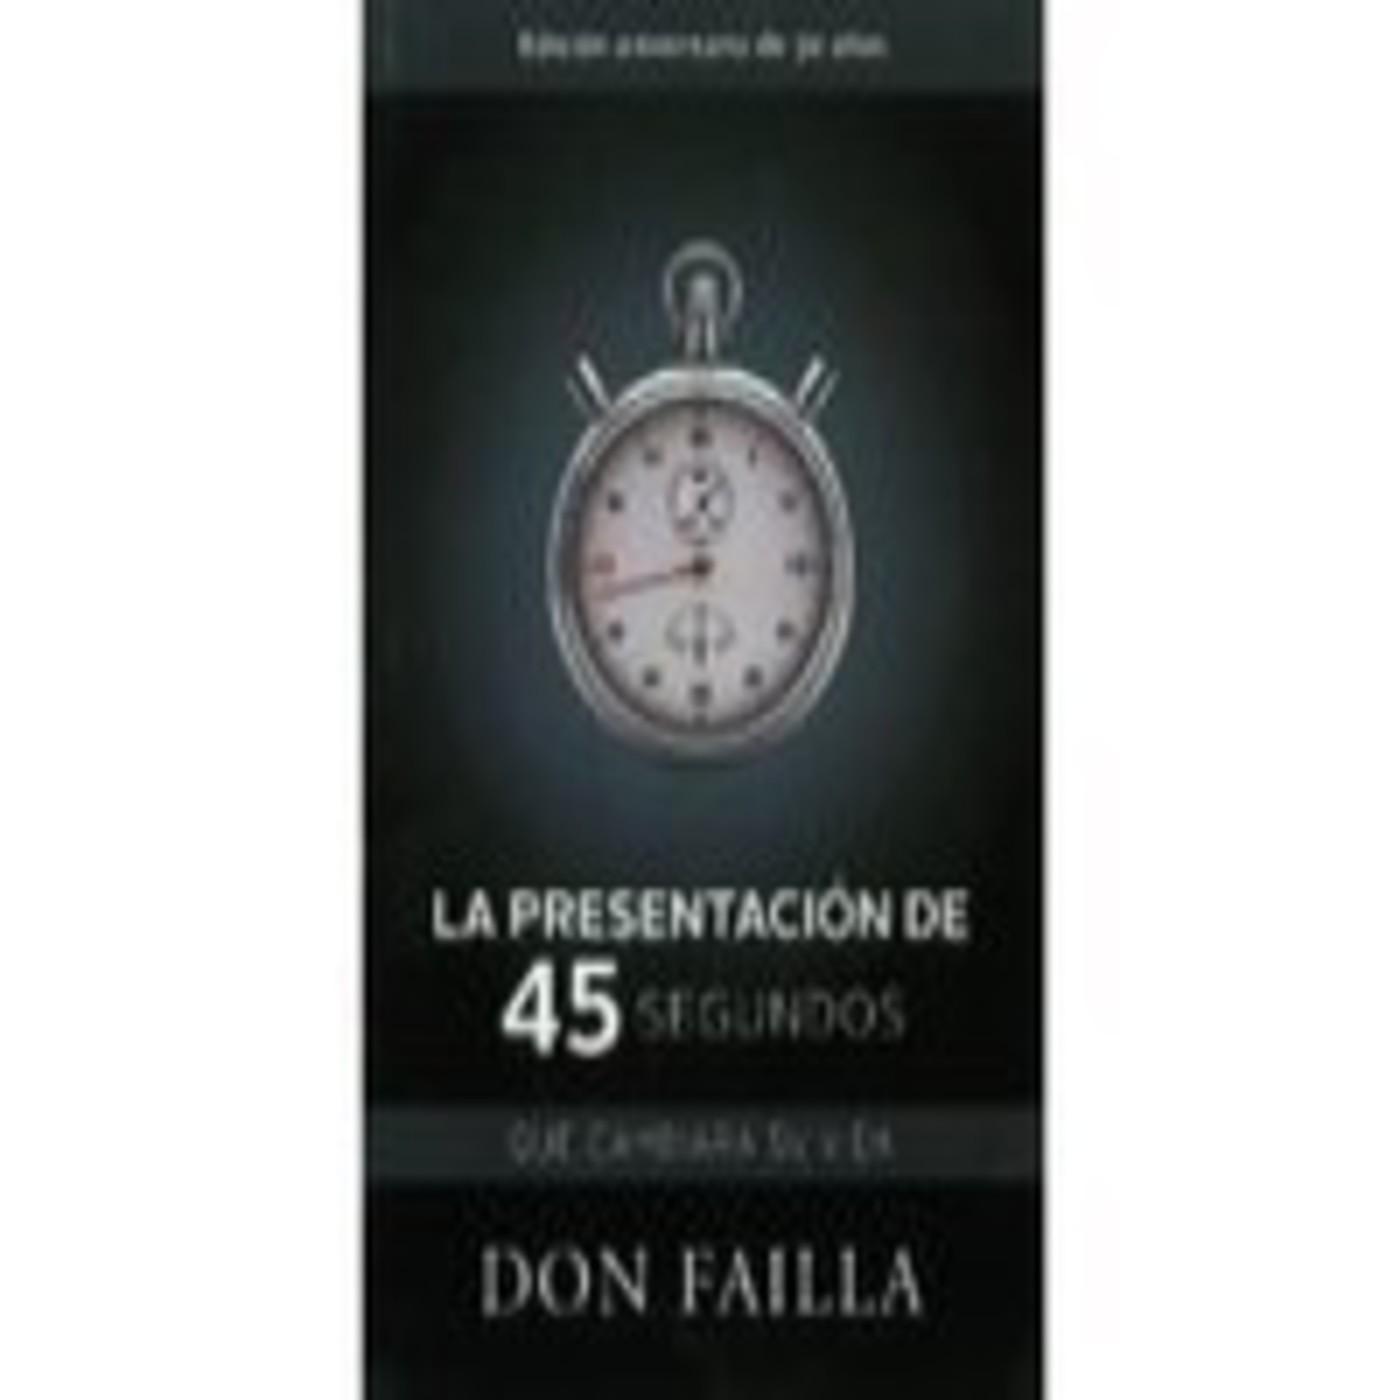 La Presentacion de 45 Segundos que Cambiará tu Vida por Don Failla